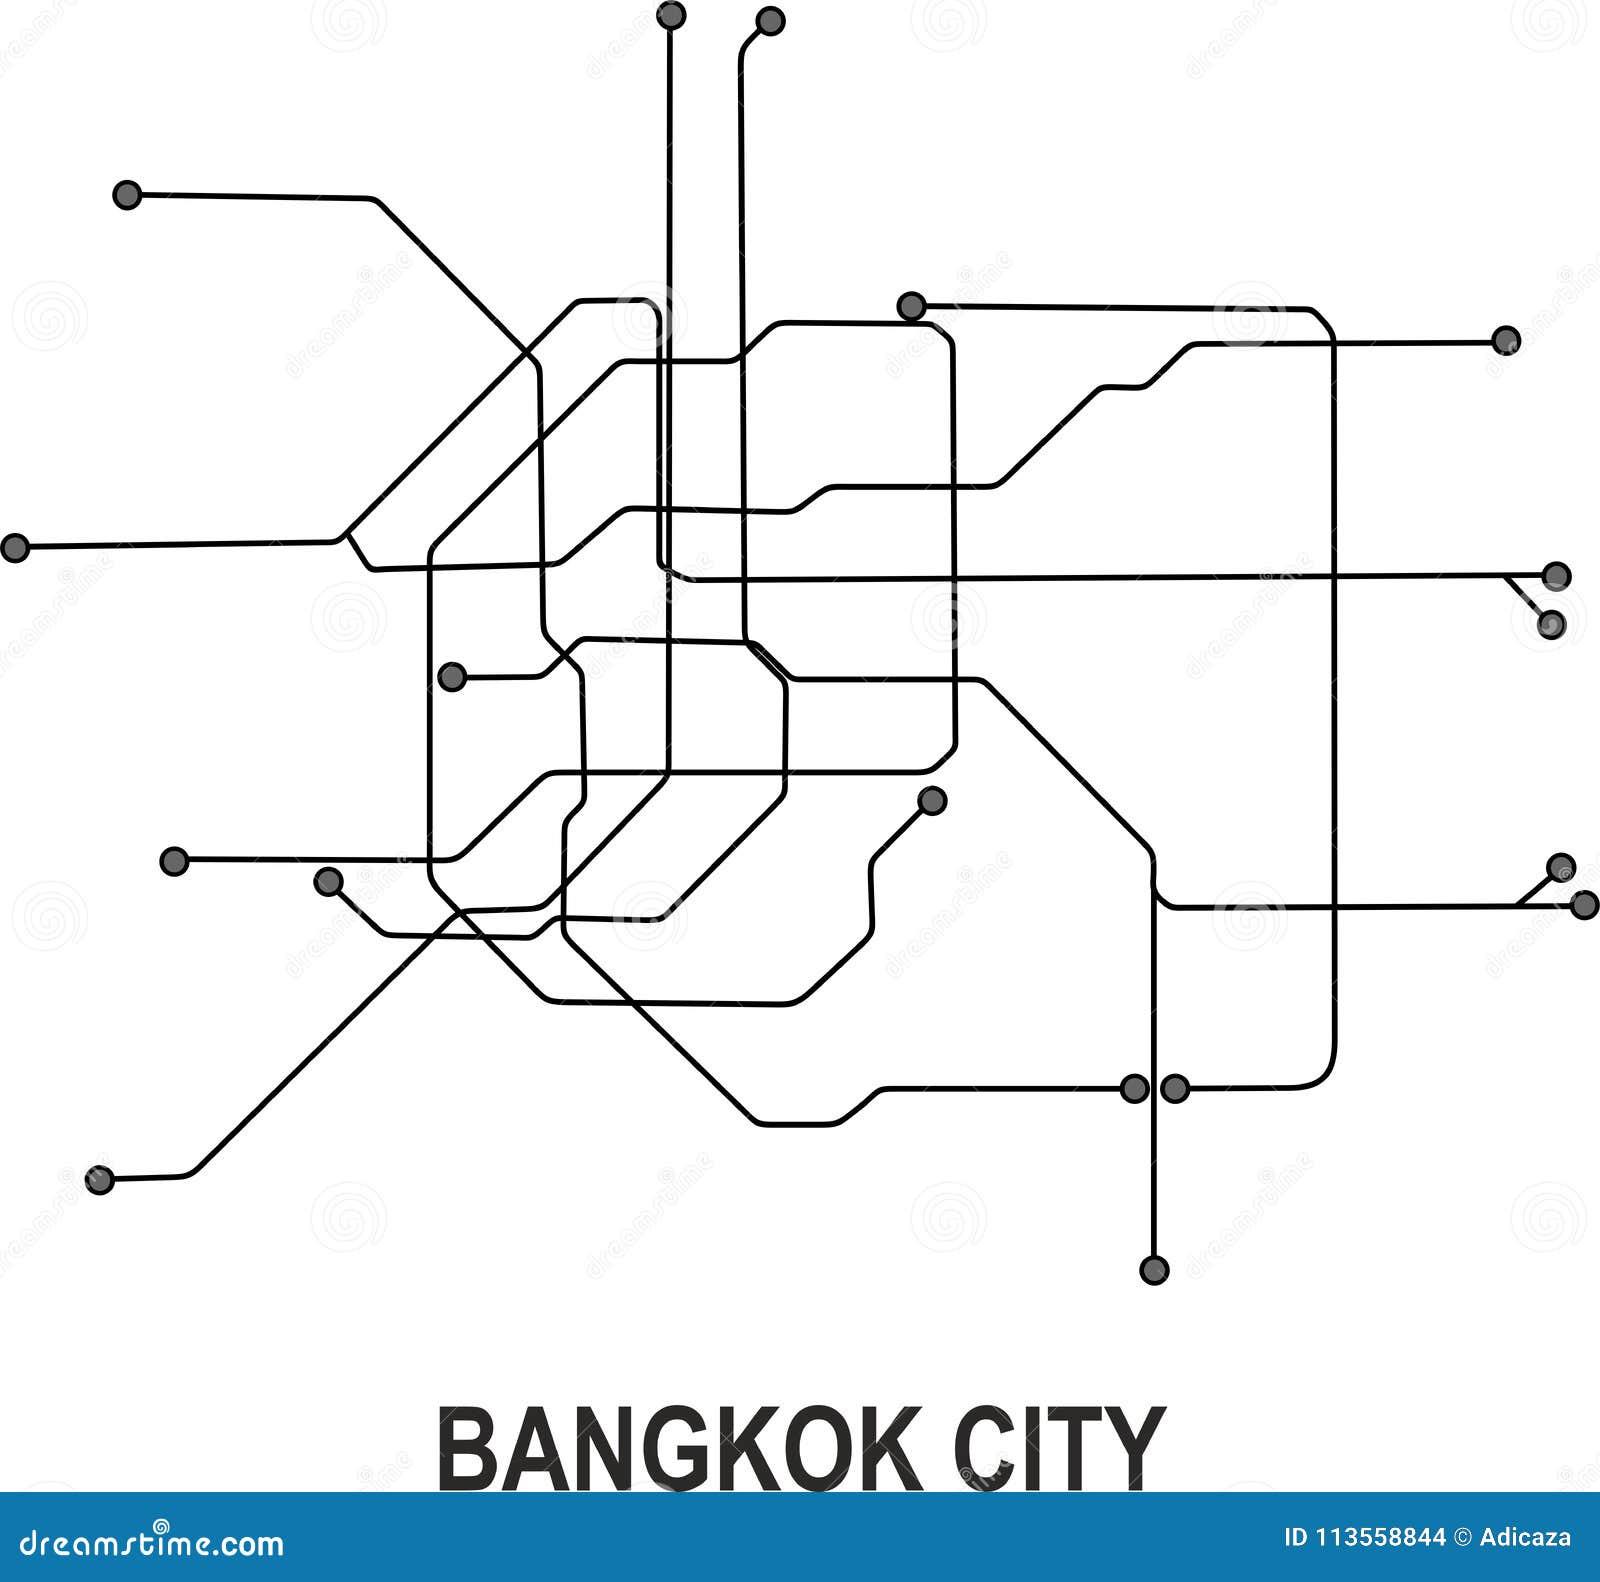 City Subway Map.Bangkok Subway City Map Stock Vector Illustration Of City 113558844